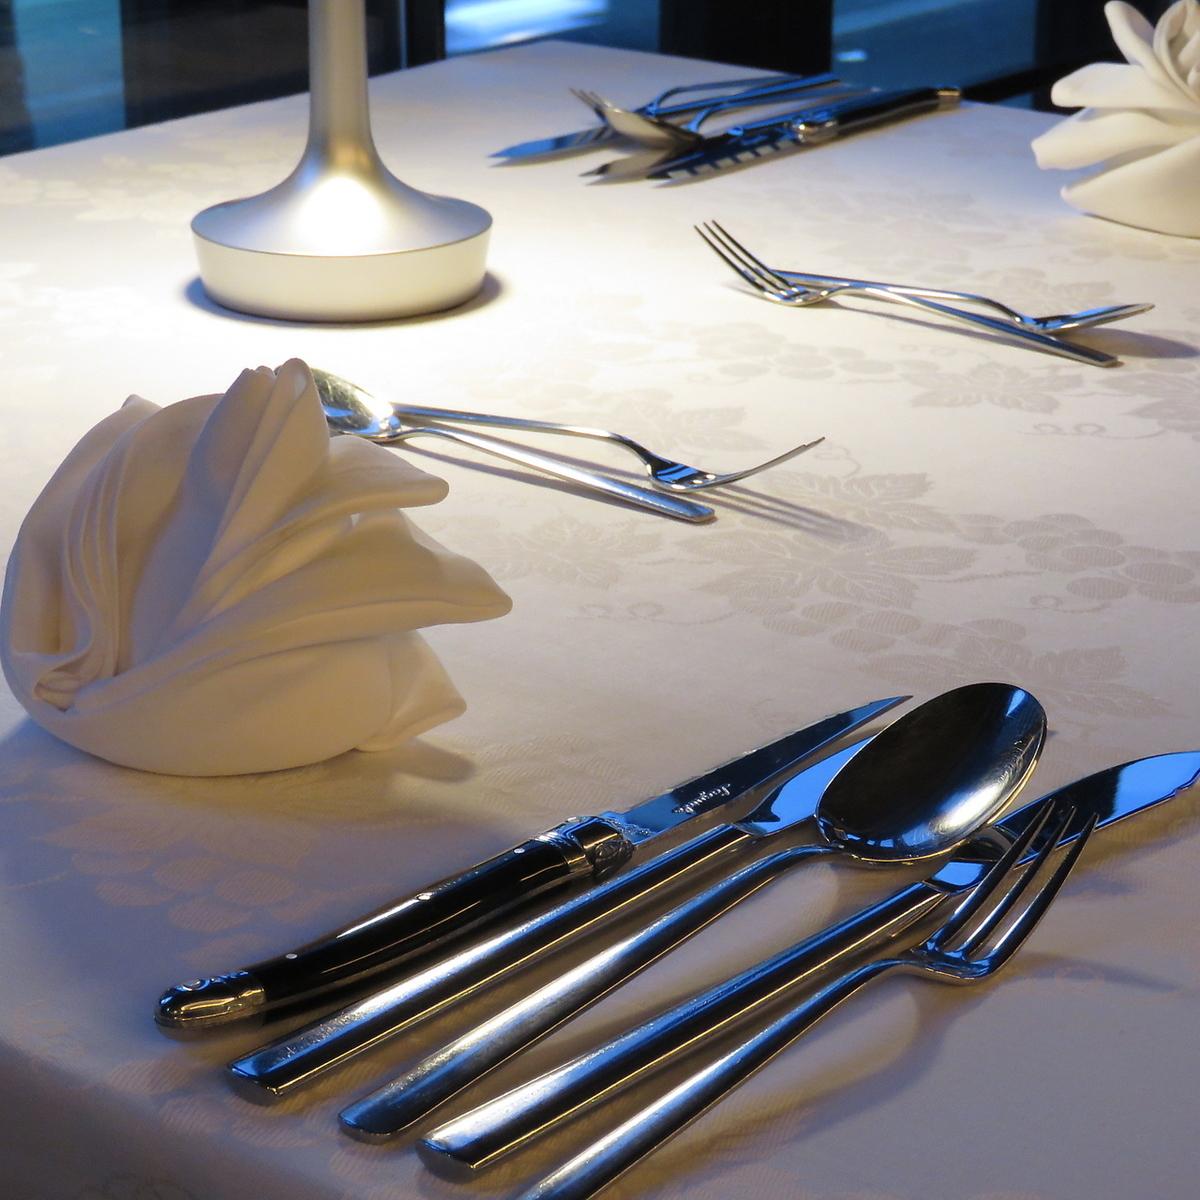 我們堅持使用銀和餐巾,這樣您就可以在精緻的空間享用美食。